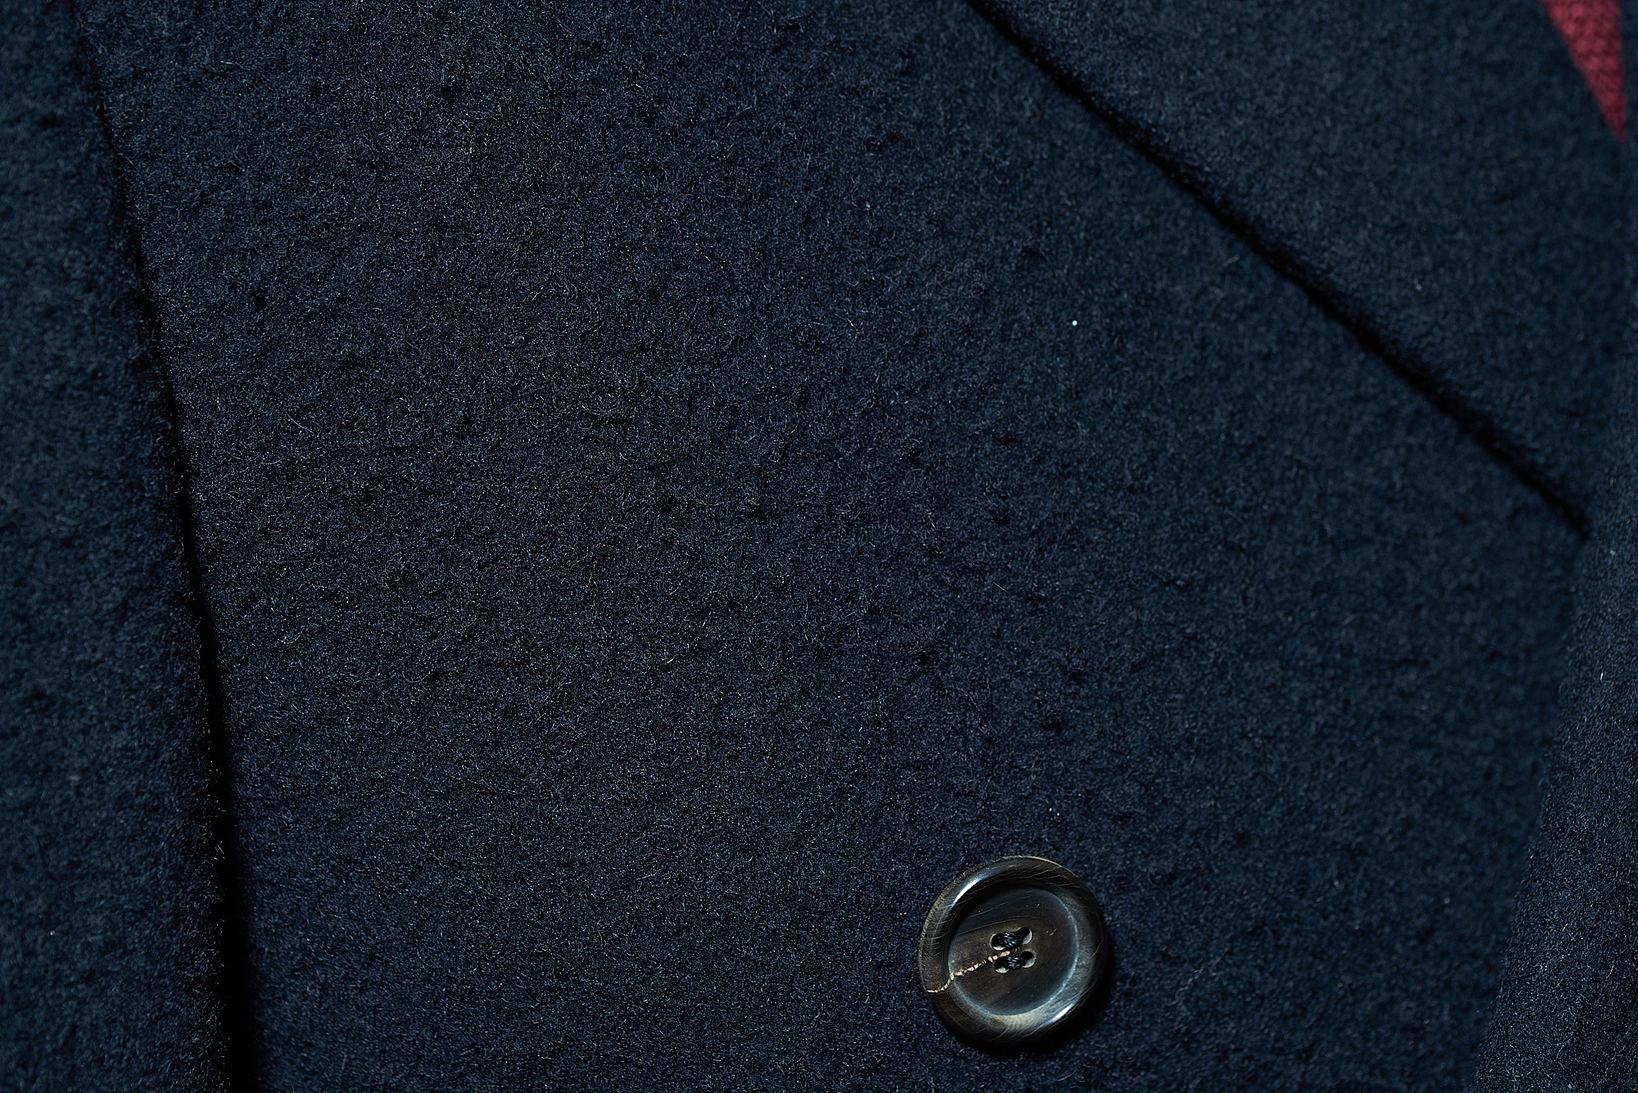 予め毛玉を作ってしまう「カセンティーノ」生地。メンテナンス性と保温性を兼ね備えた素晴らしいアイデア!